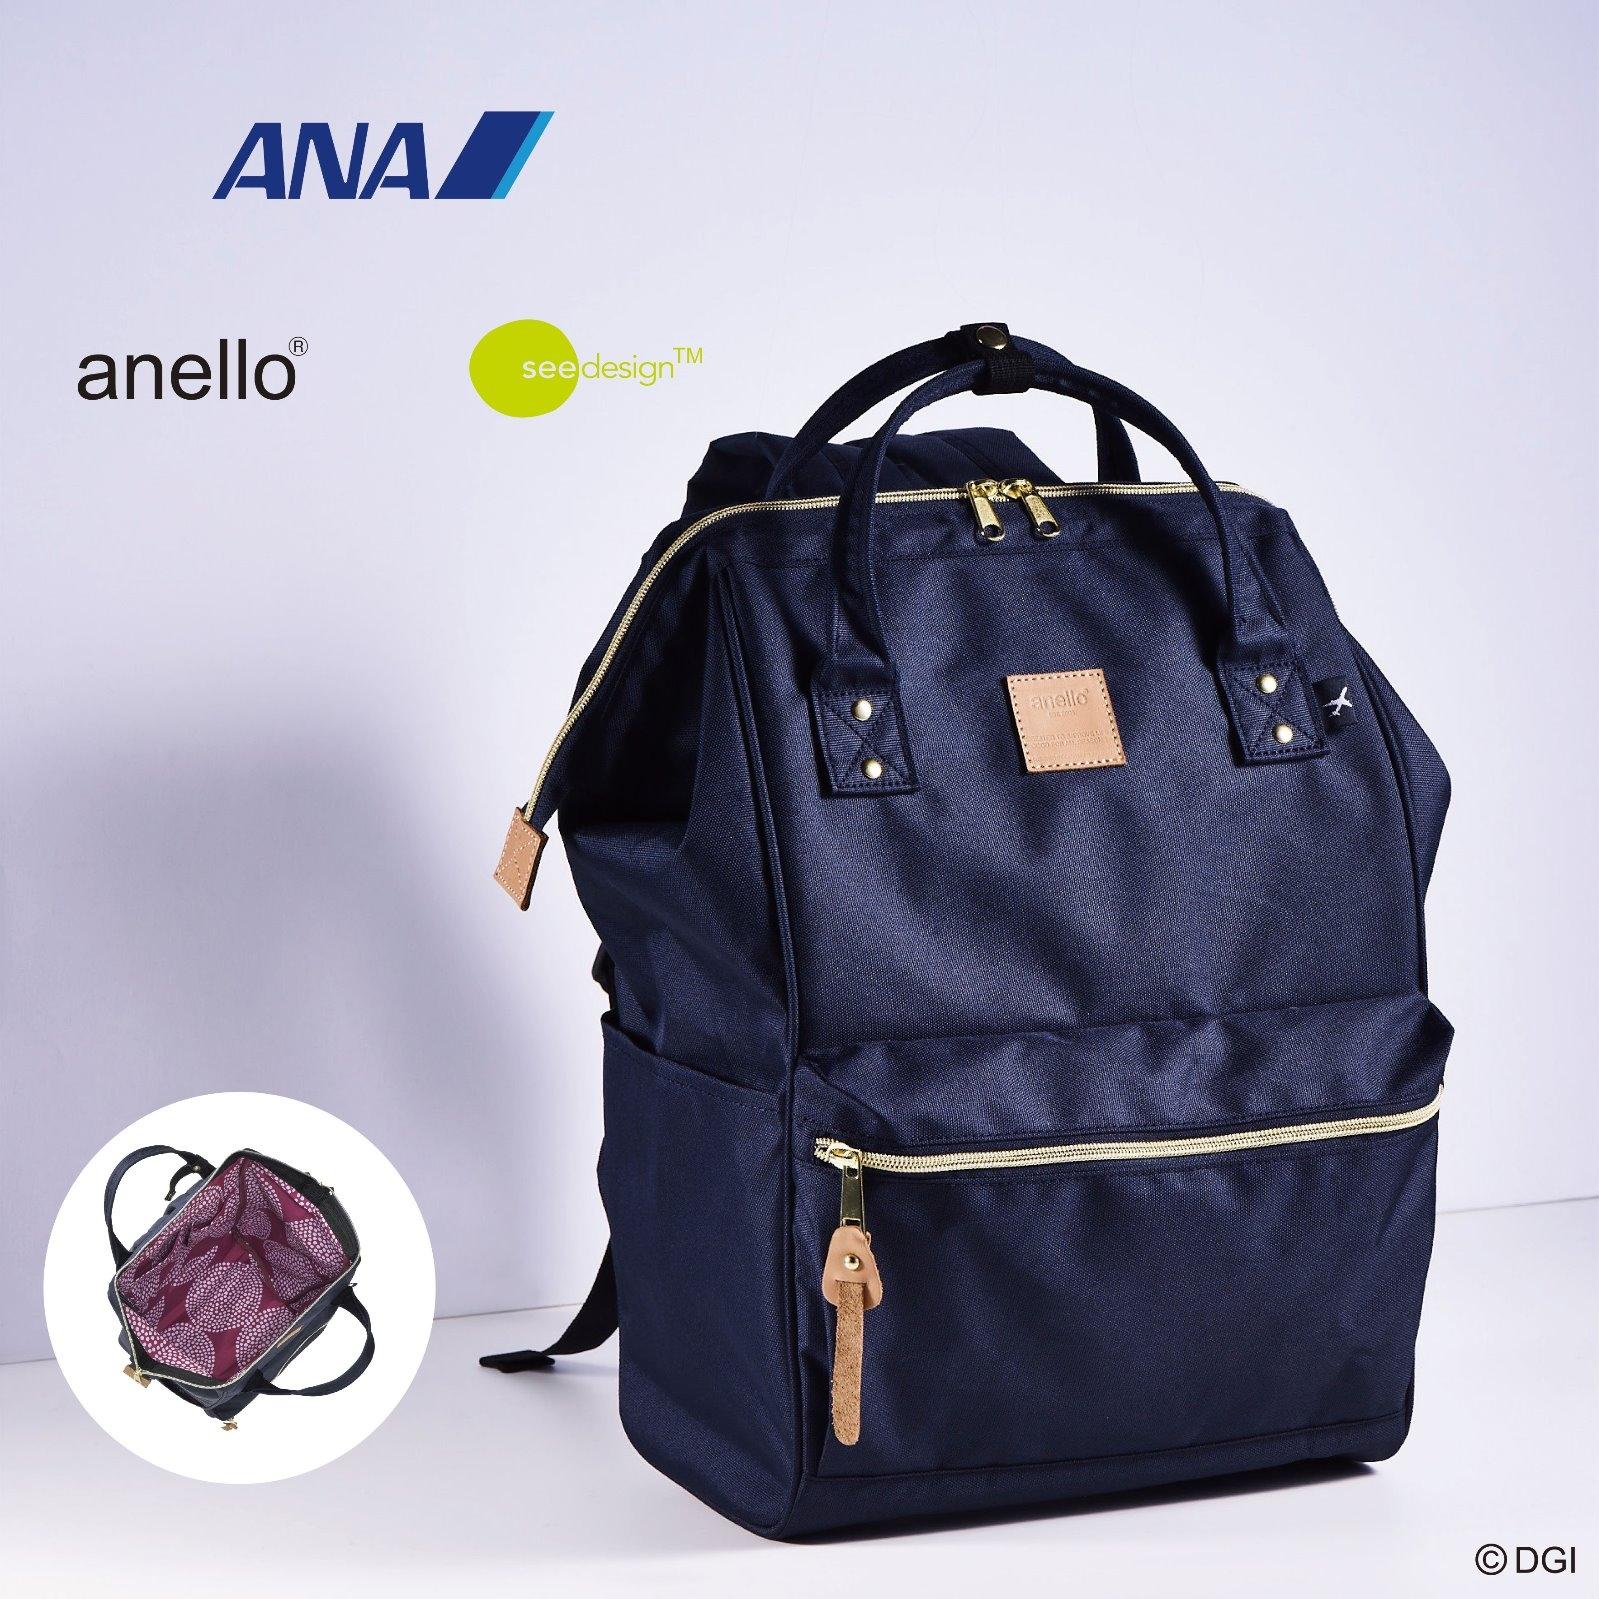 anello®×see design™のコラボリュックがANAの国内線機内で3月1日(木)より発売!